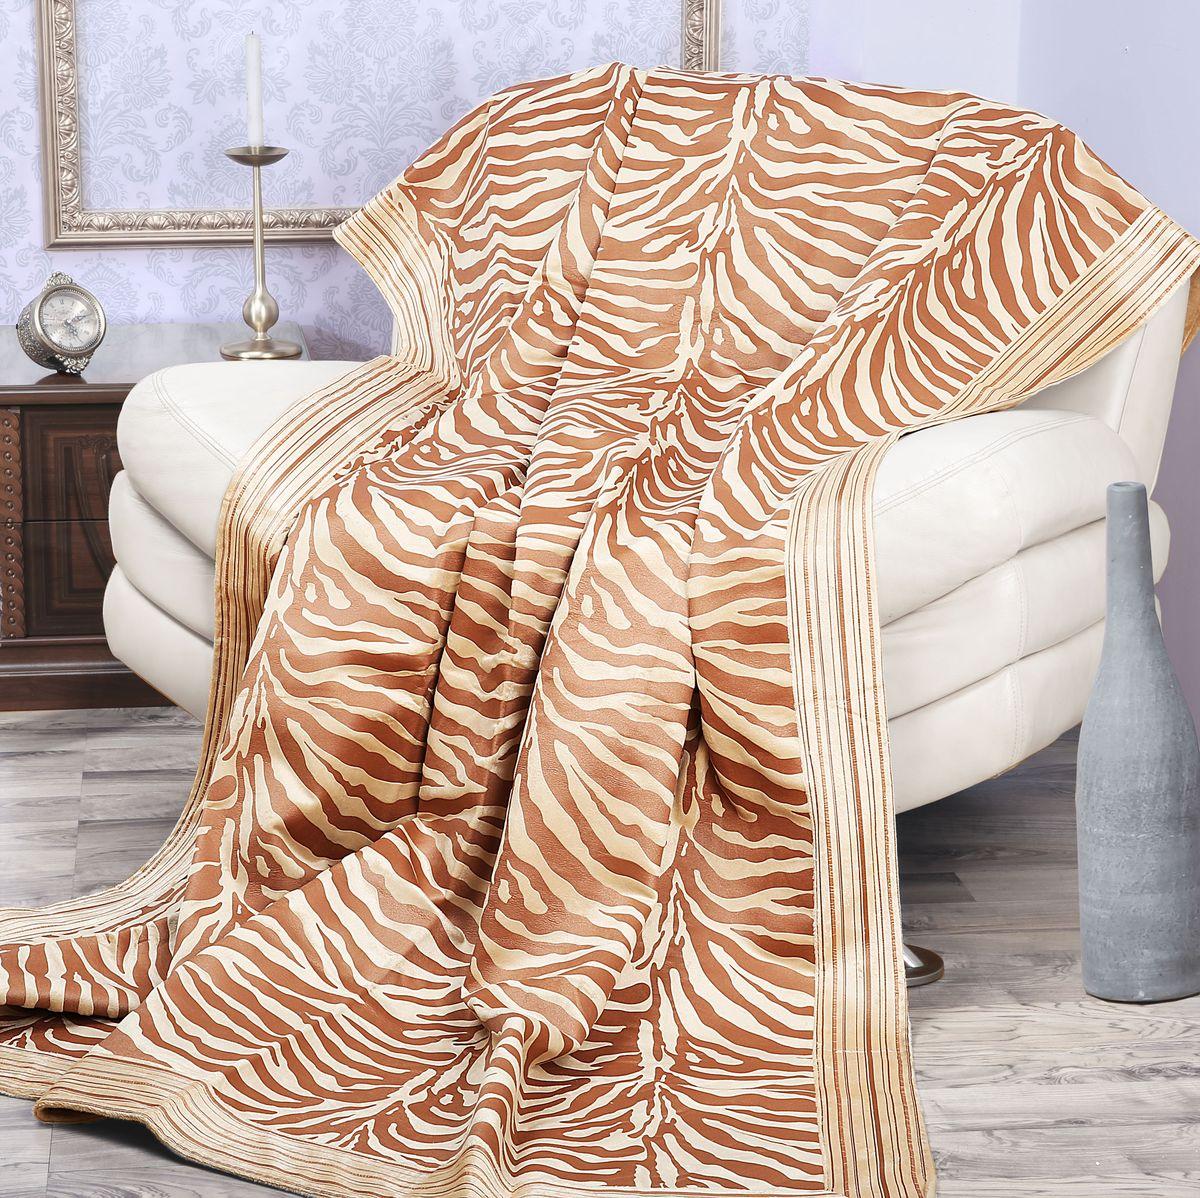 Покрывало Mona Liza Elite Indigo, цвет: бежевый, коричневый, 180 см х 220 см530960/1Роскошное покрывало Mona Liza Elite Indigo из высококачественного полиэстера гармонично впишется в интерьер вашего дома и создаст атмосферу уюта и комфорта. Такое покрывало согреет в прохладную погоду и будет превосходно дополнять интерьер вашей спальни. Высочайшее качество материала гарантирует безопасность не только взрослых, но и самых маленьких членов семьи. Небольшой ворс придает покрывалу мягкость и оригинальность. Покрывало может подчеркнуть любой стиль интерьера, задать ему нужный тон - от игривого до ностальгического. Покрывало - это такой подарок, который будет всегда актуален, особенно для ваших родных и близких, ведь вы дарите им частичку своего тепла! Покрывала серии Mona Liza Elite выполнены из шенилловой ткани деворе - при выжигании части волокон образуется характерный рельефный рисунок.